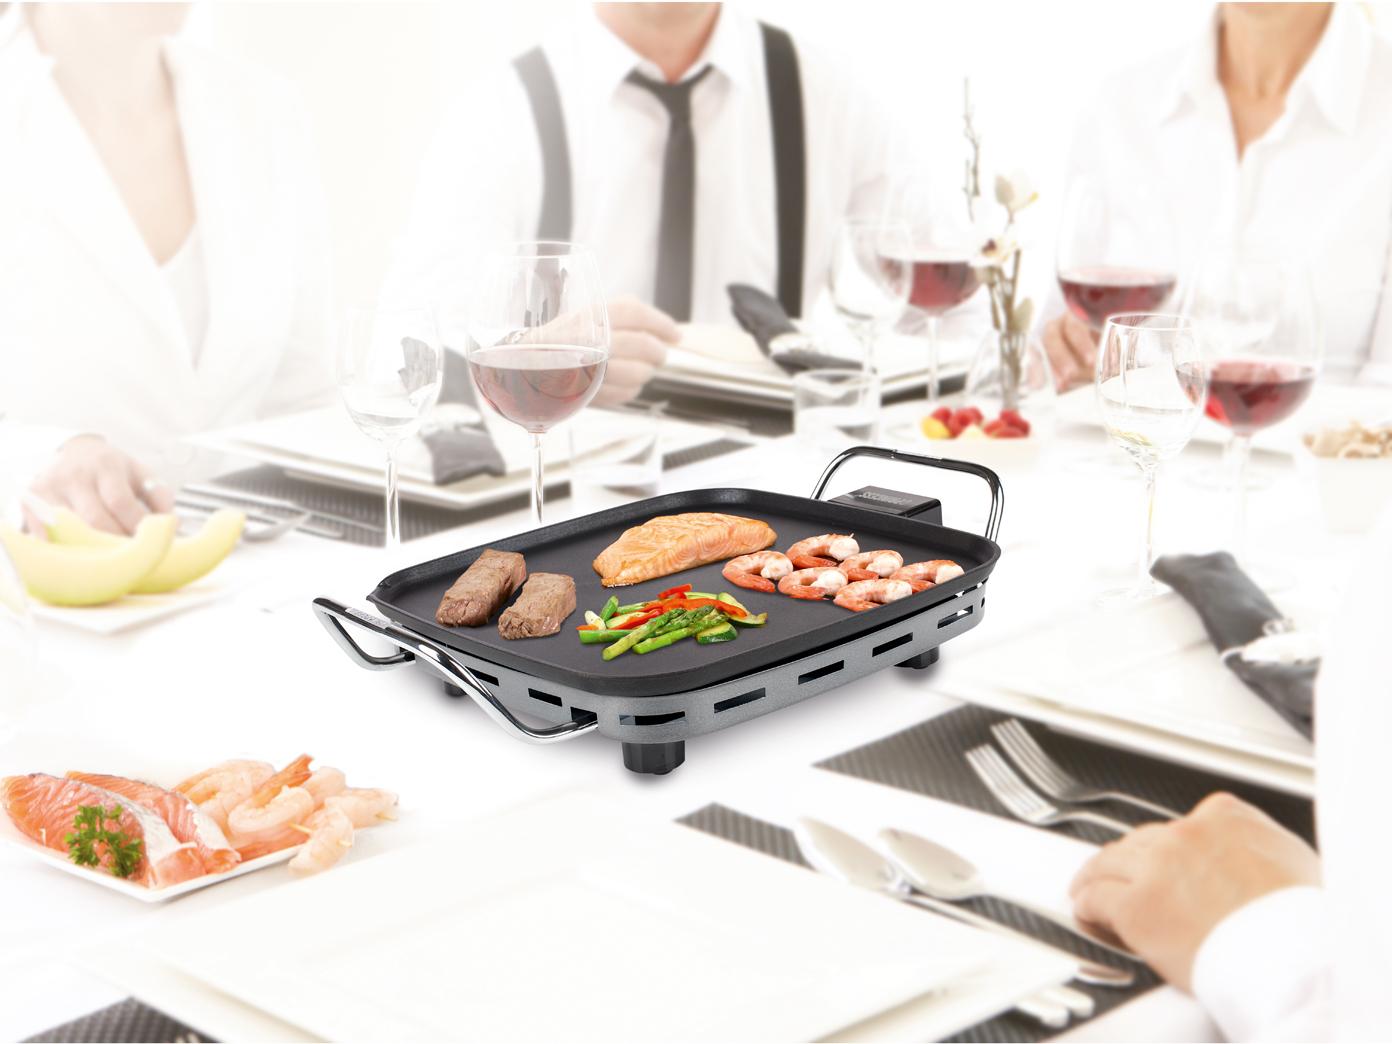 Piccolo Tavolo Grill Grill elettrico 1900w anti rivestimento di detenzione-pulizia semplice